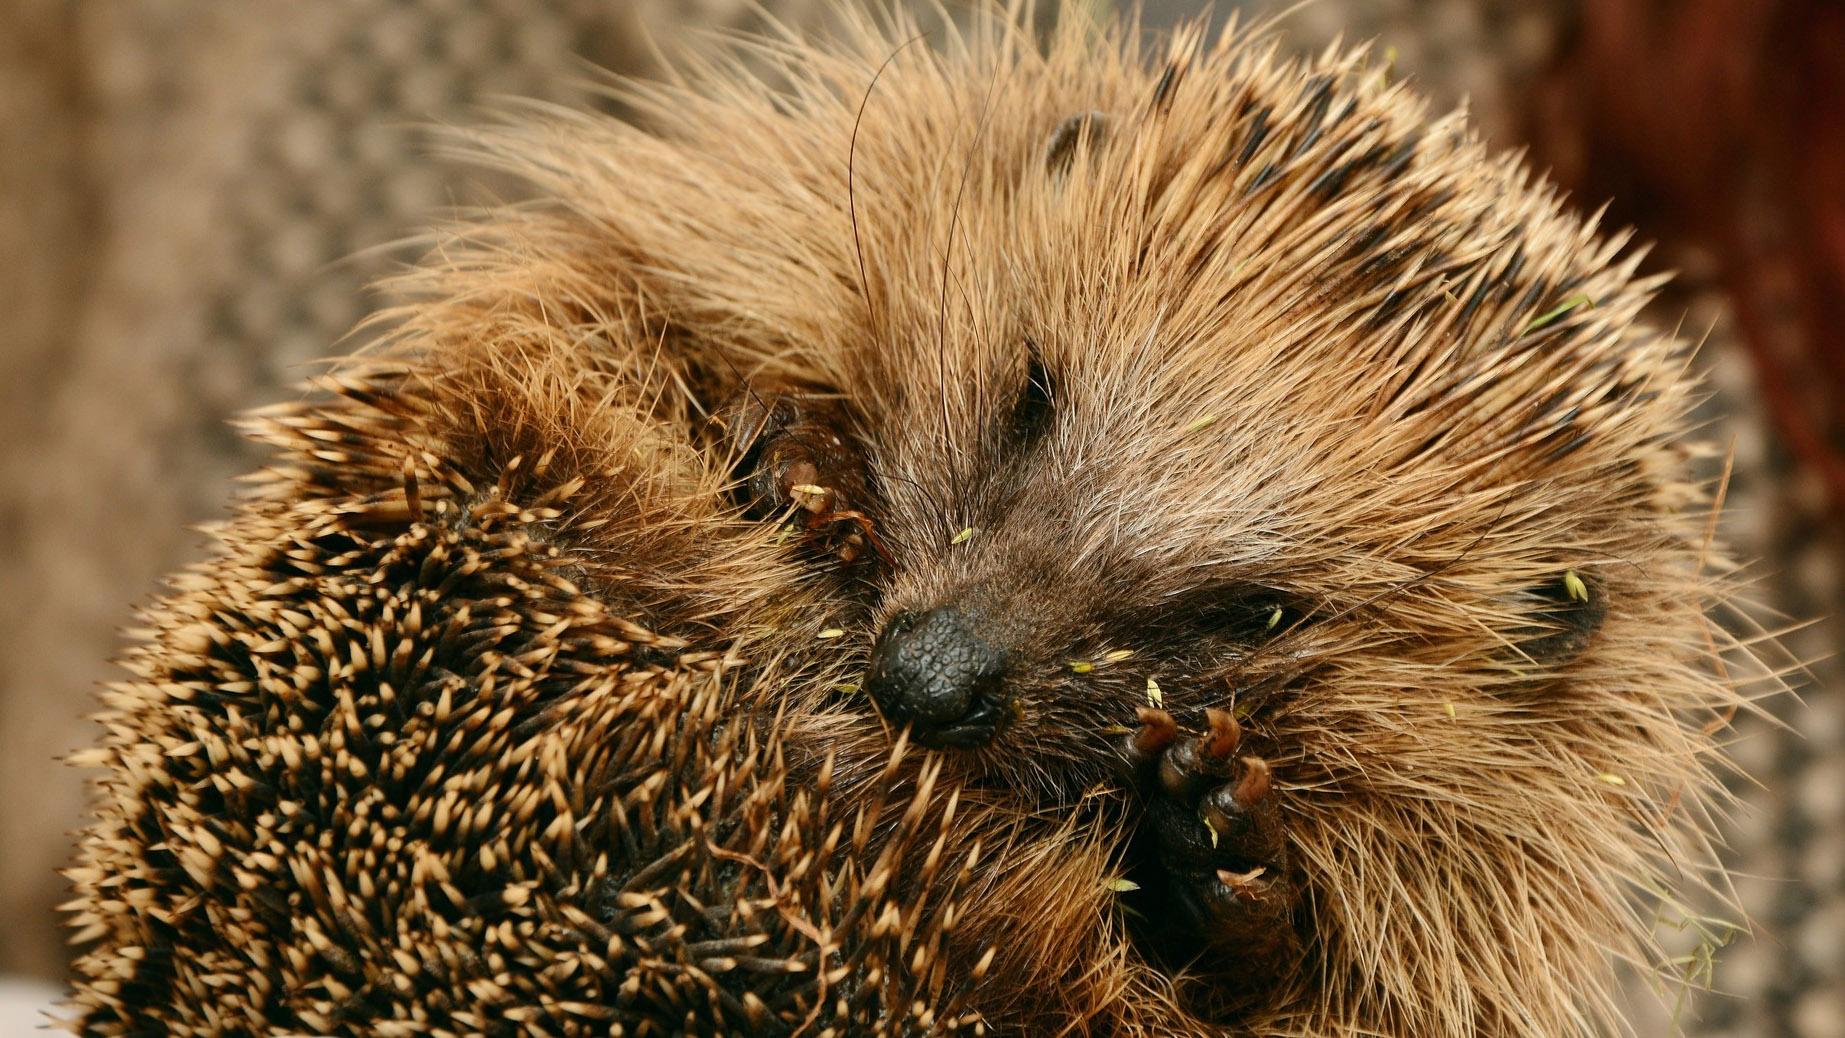 Rolled up Hedgehog